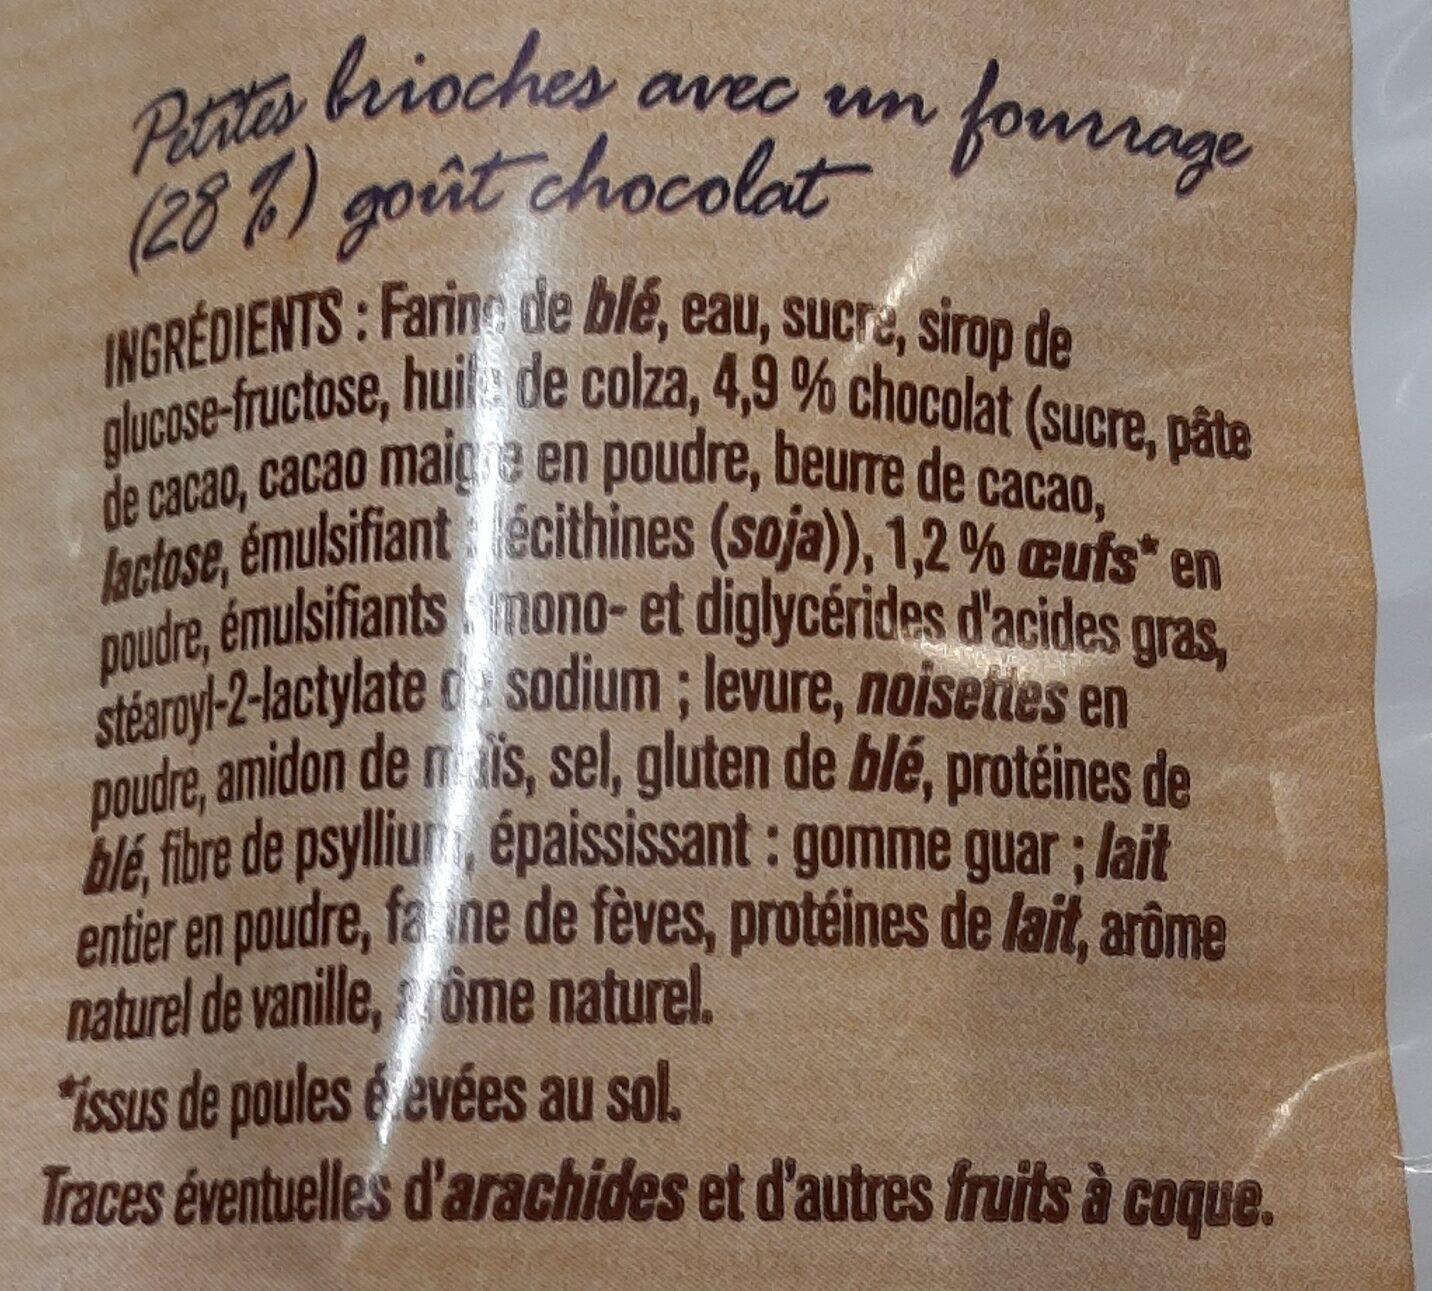 Brioche fourrées goût chocolat - Ingrédients - fr